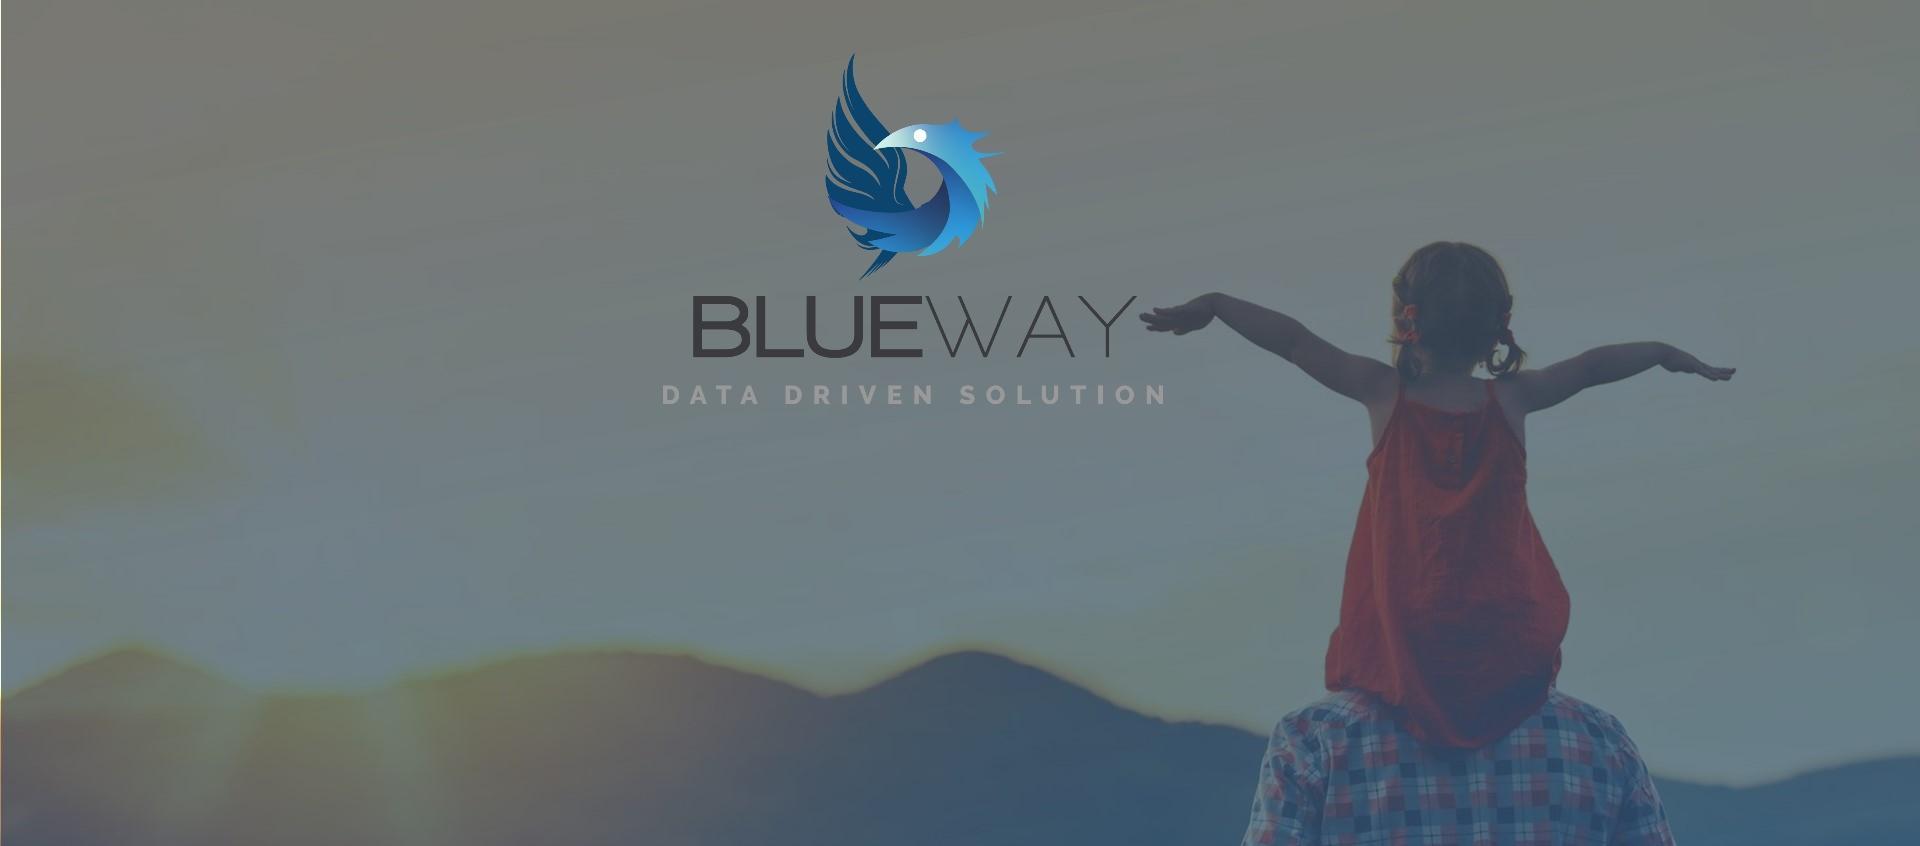 Avis Blueway : Editeurs de logiciels intégrés BPM, MDM et ESB - appvizer